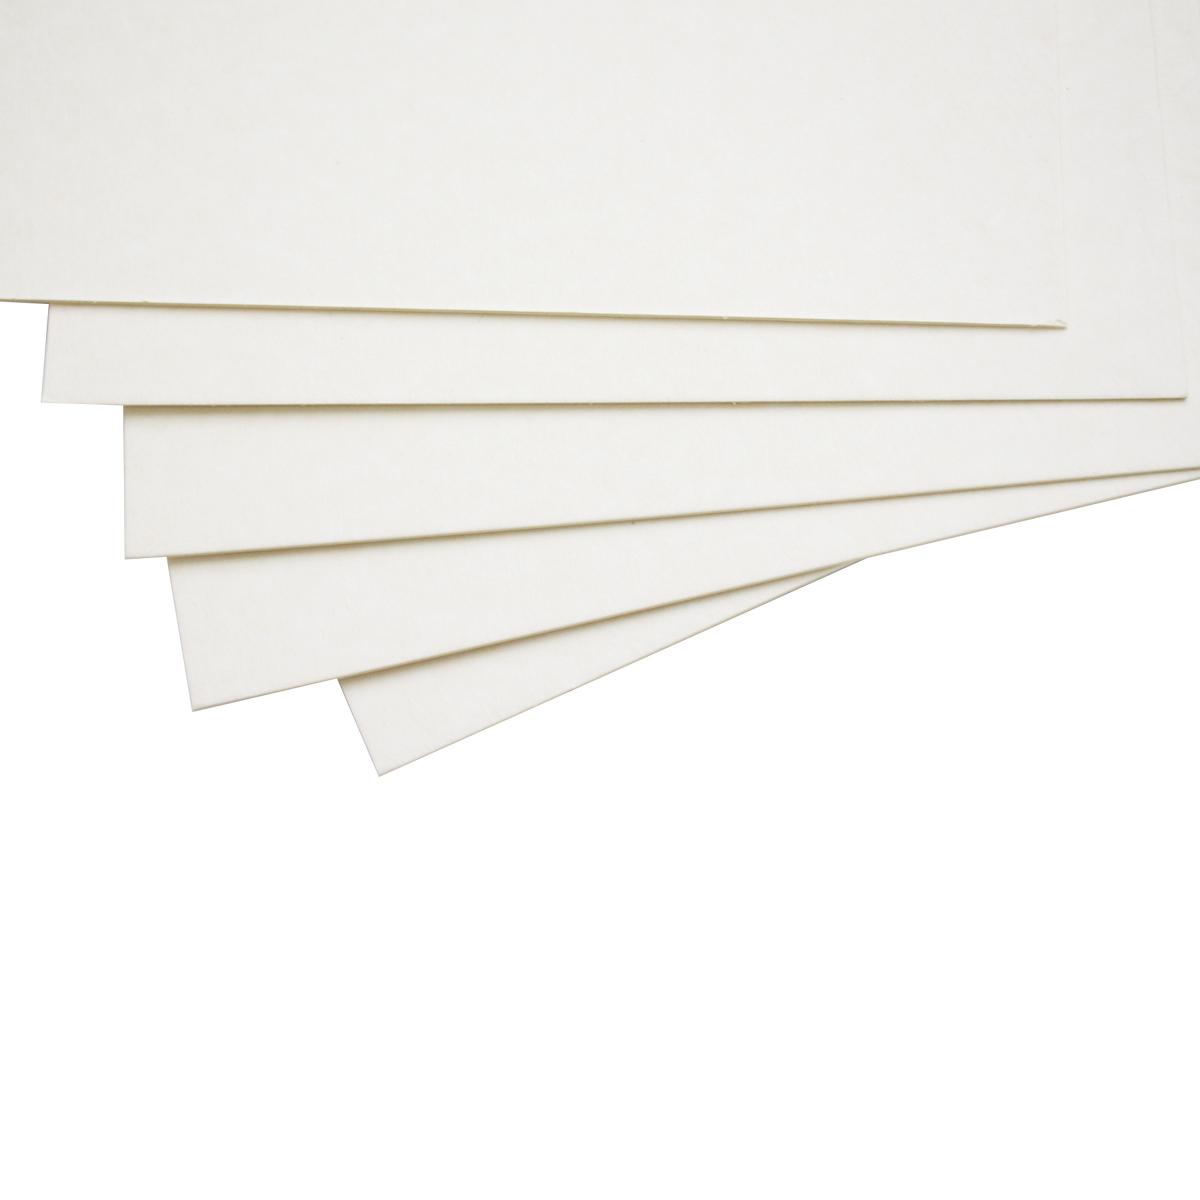 Картон пивной ЧипАрт, толщина 1 мм, 20 х 20 см, 5 листов582750Картон является незаменимой частью многих работ в скрапбукинге. Пивной картон состоит из множества тонких слоев, и легко режется, поэтому прекрасно подойдет для изготовления страниц в альбомах.